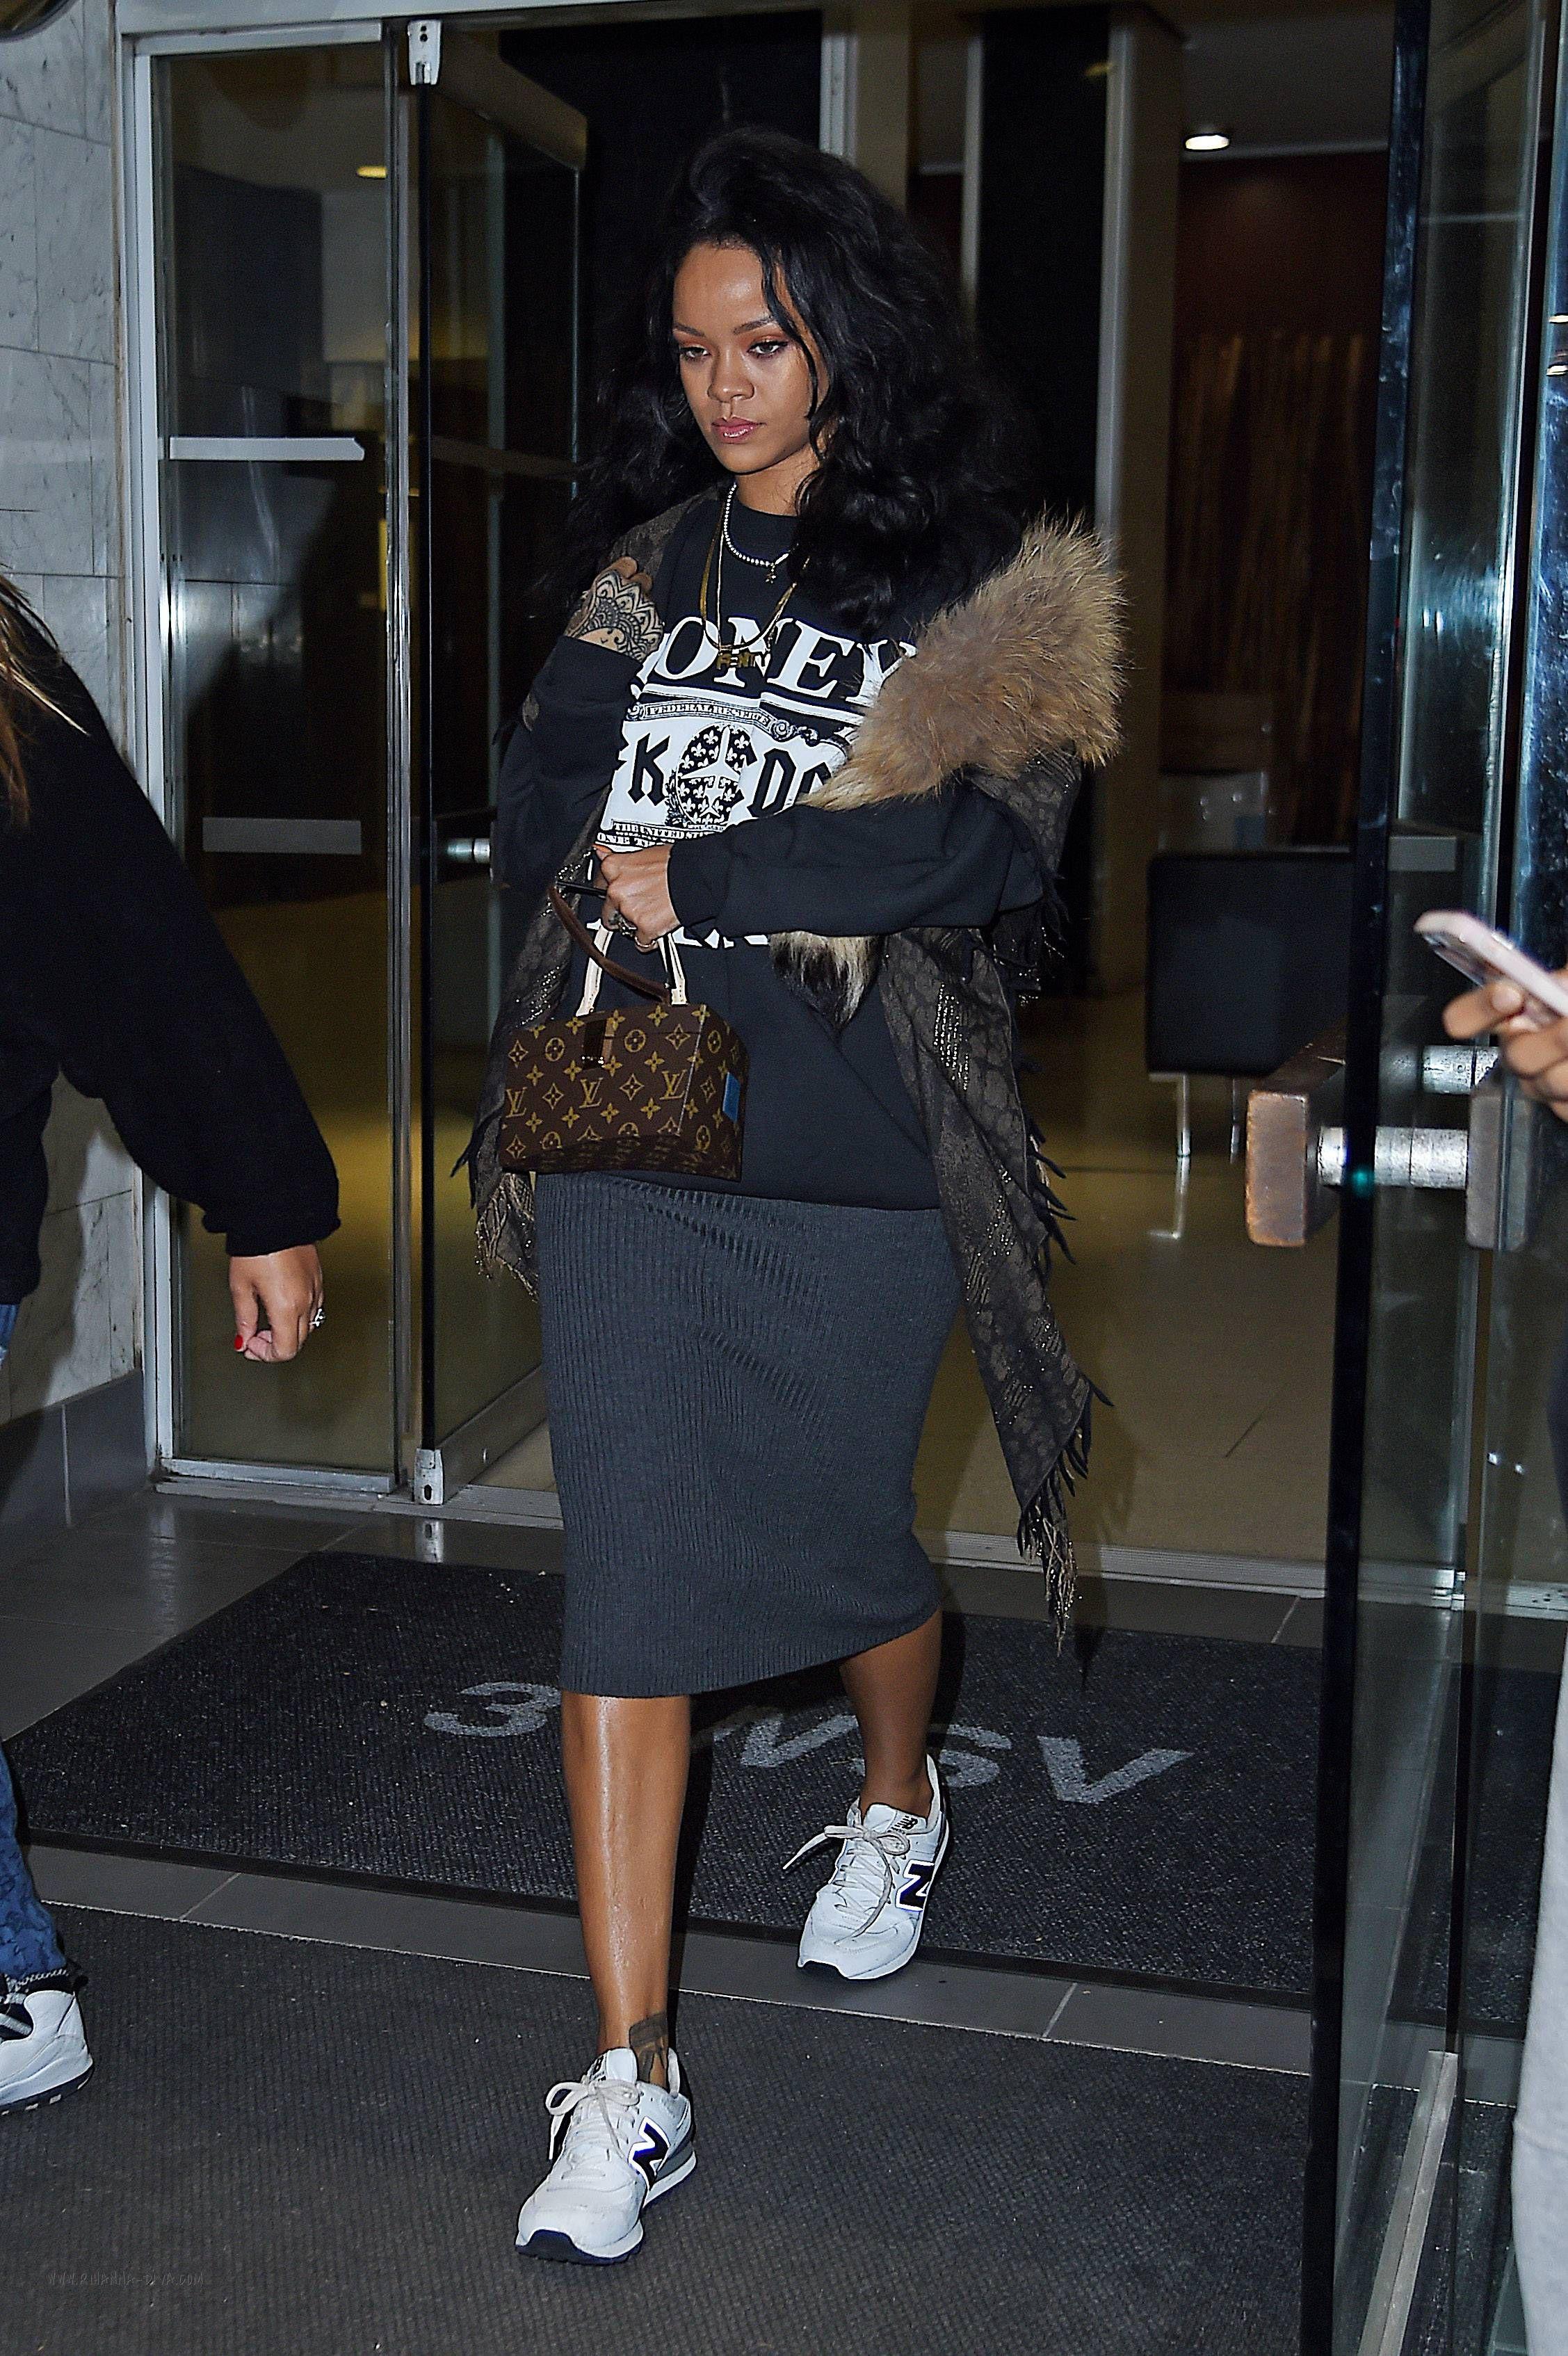 Get the Look Rihanna SpyeSHICNYC Money Talks Sweatshirt New